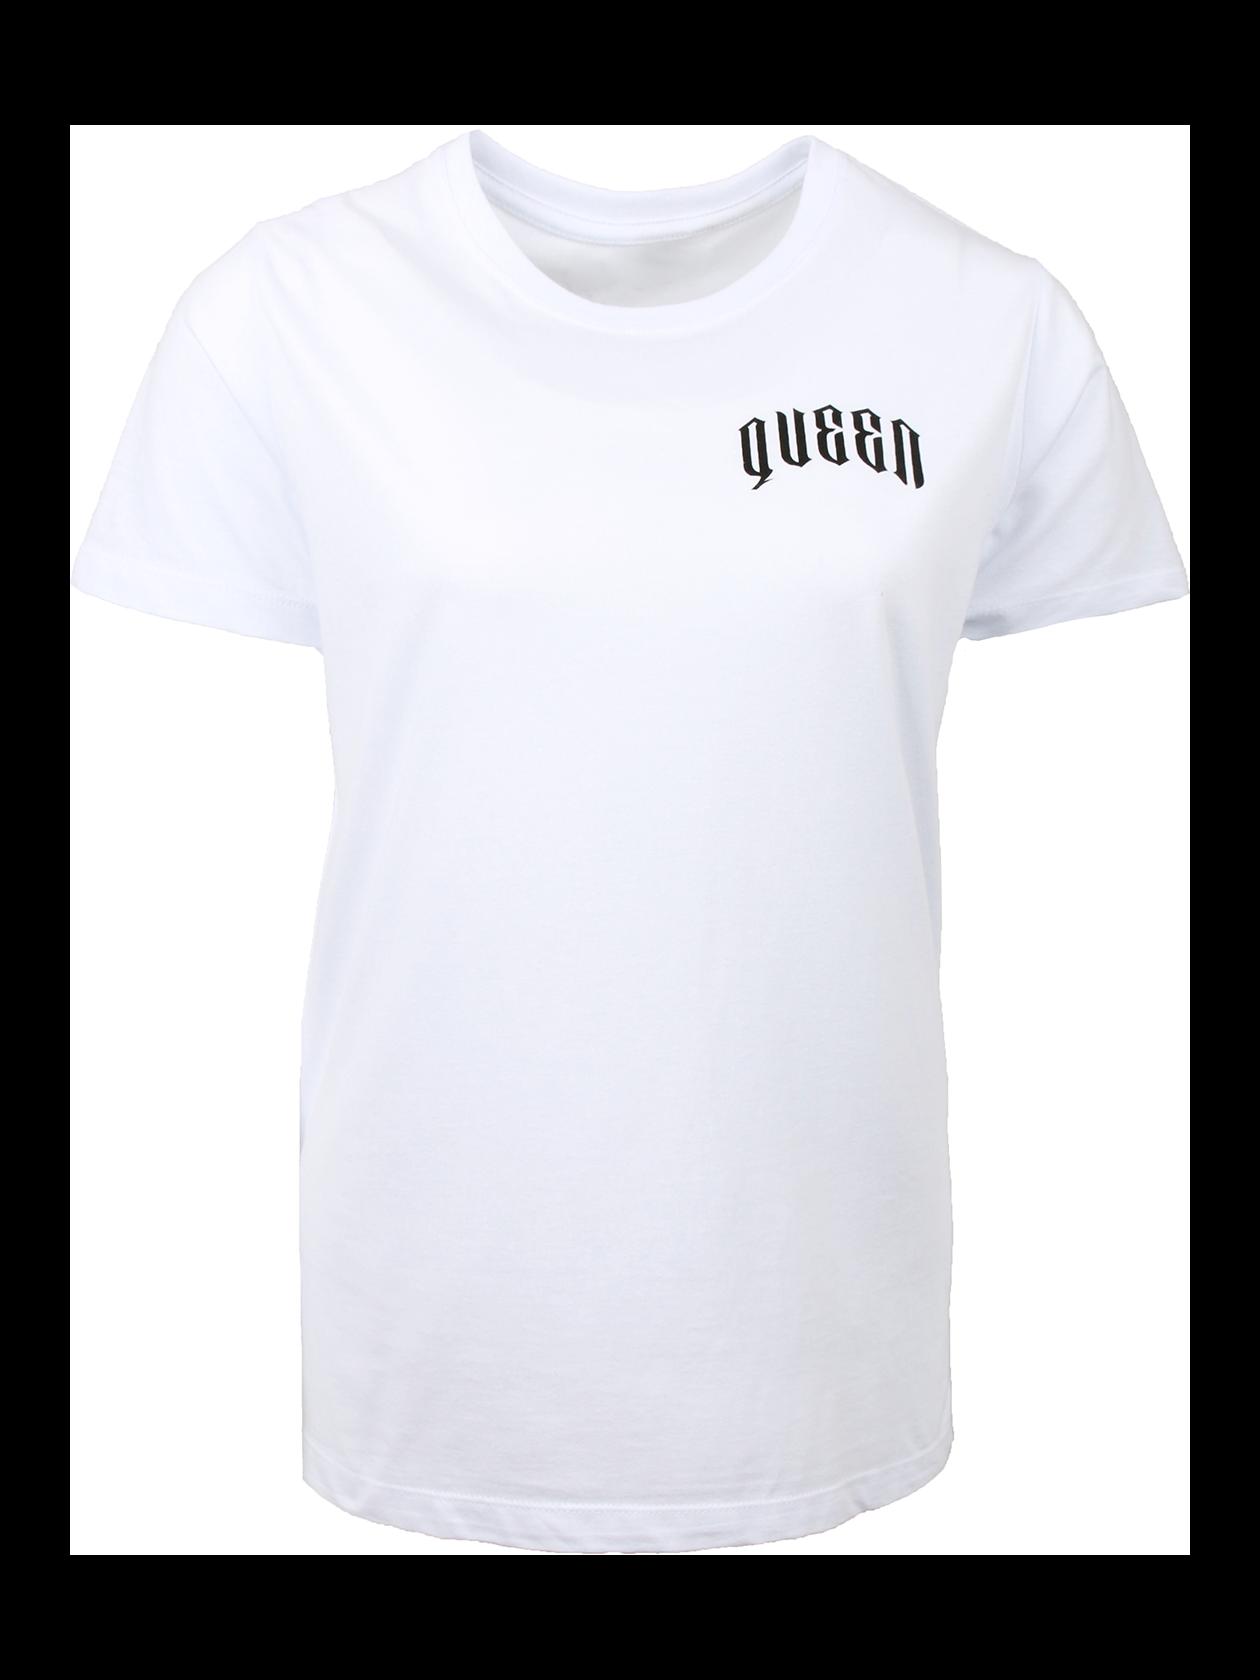 Футболка женская QUEENСтильная футболка женская Queen идеально впишется в повседневный и спортивный стиль. Модель представлена в практичной черной расцветке, обладает лаконичным кроем. Оптимальная длина, небольшой рукав, округлая горловина с эластичной окантовкой. Внутри имеется фирменная нашивка с логотипом бренда Black Star Wear. Дизайн дополнен контрастными надписями белыми буквами Queen 13 на спине и на груди. Футболка изготовлена из натурального хлопка класса «премиум».<br><br>Размер: XL<br>Цвет: Белый<br>Пол: Женский